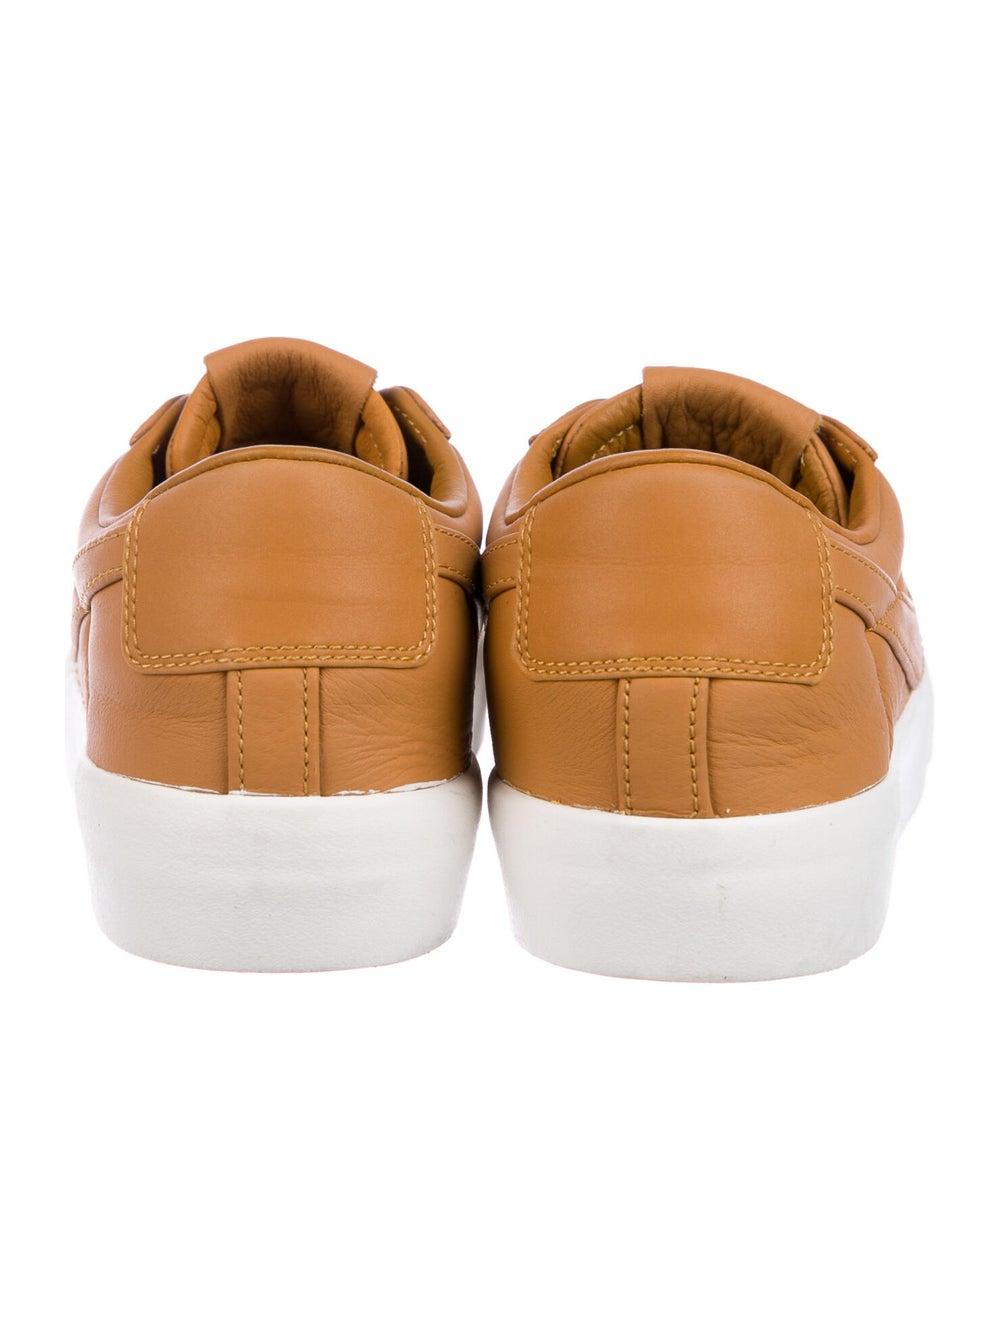 Nike Blazer Sneakers Brown - image 4